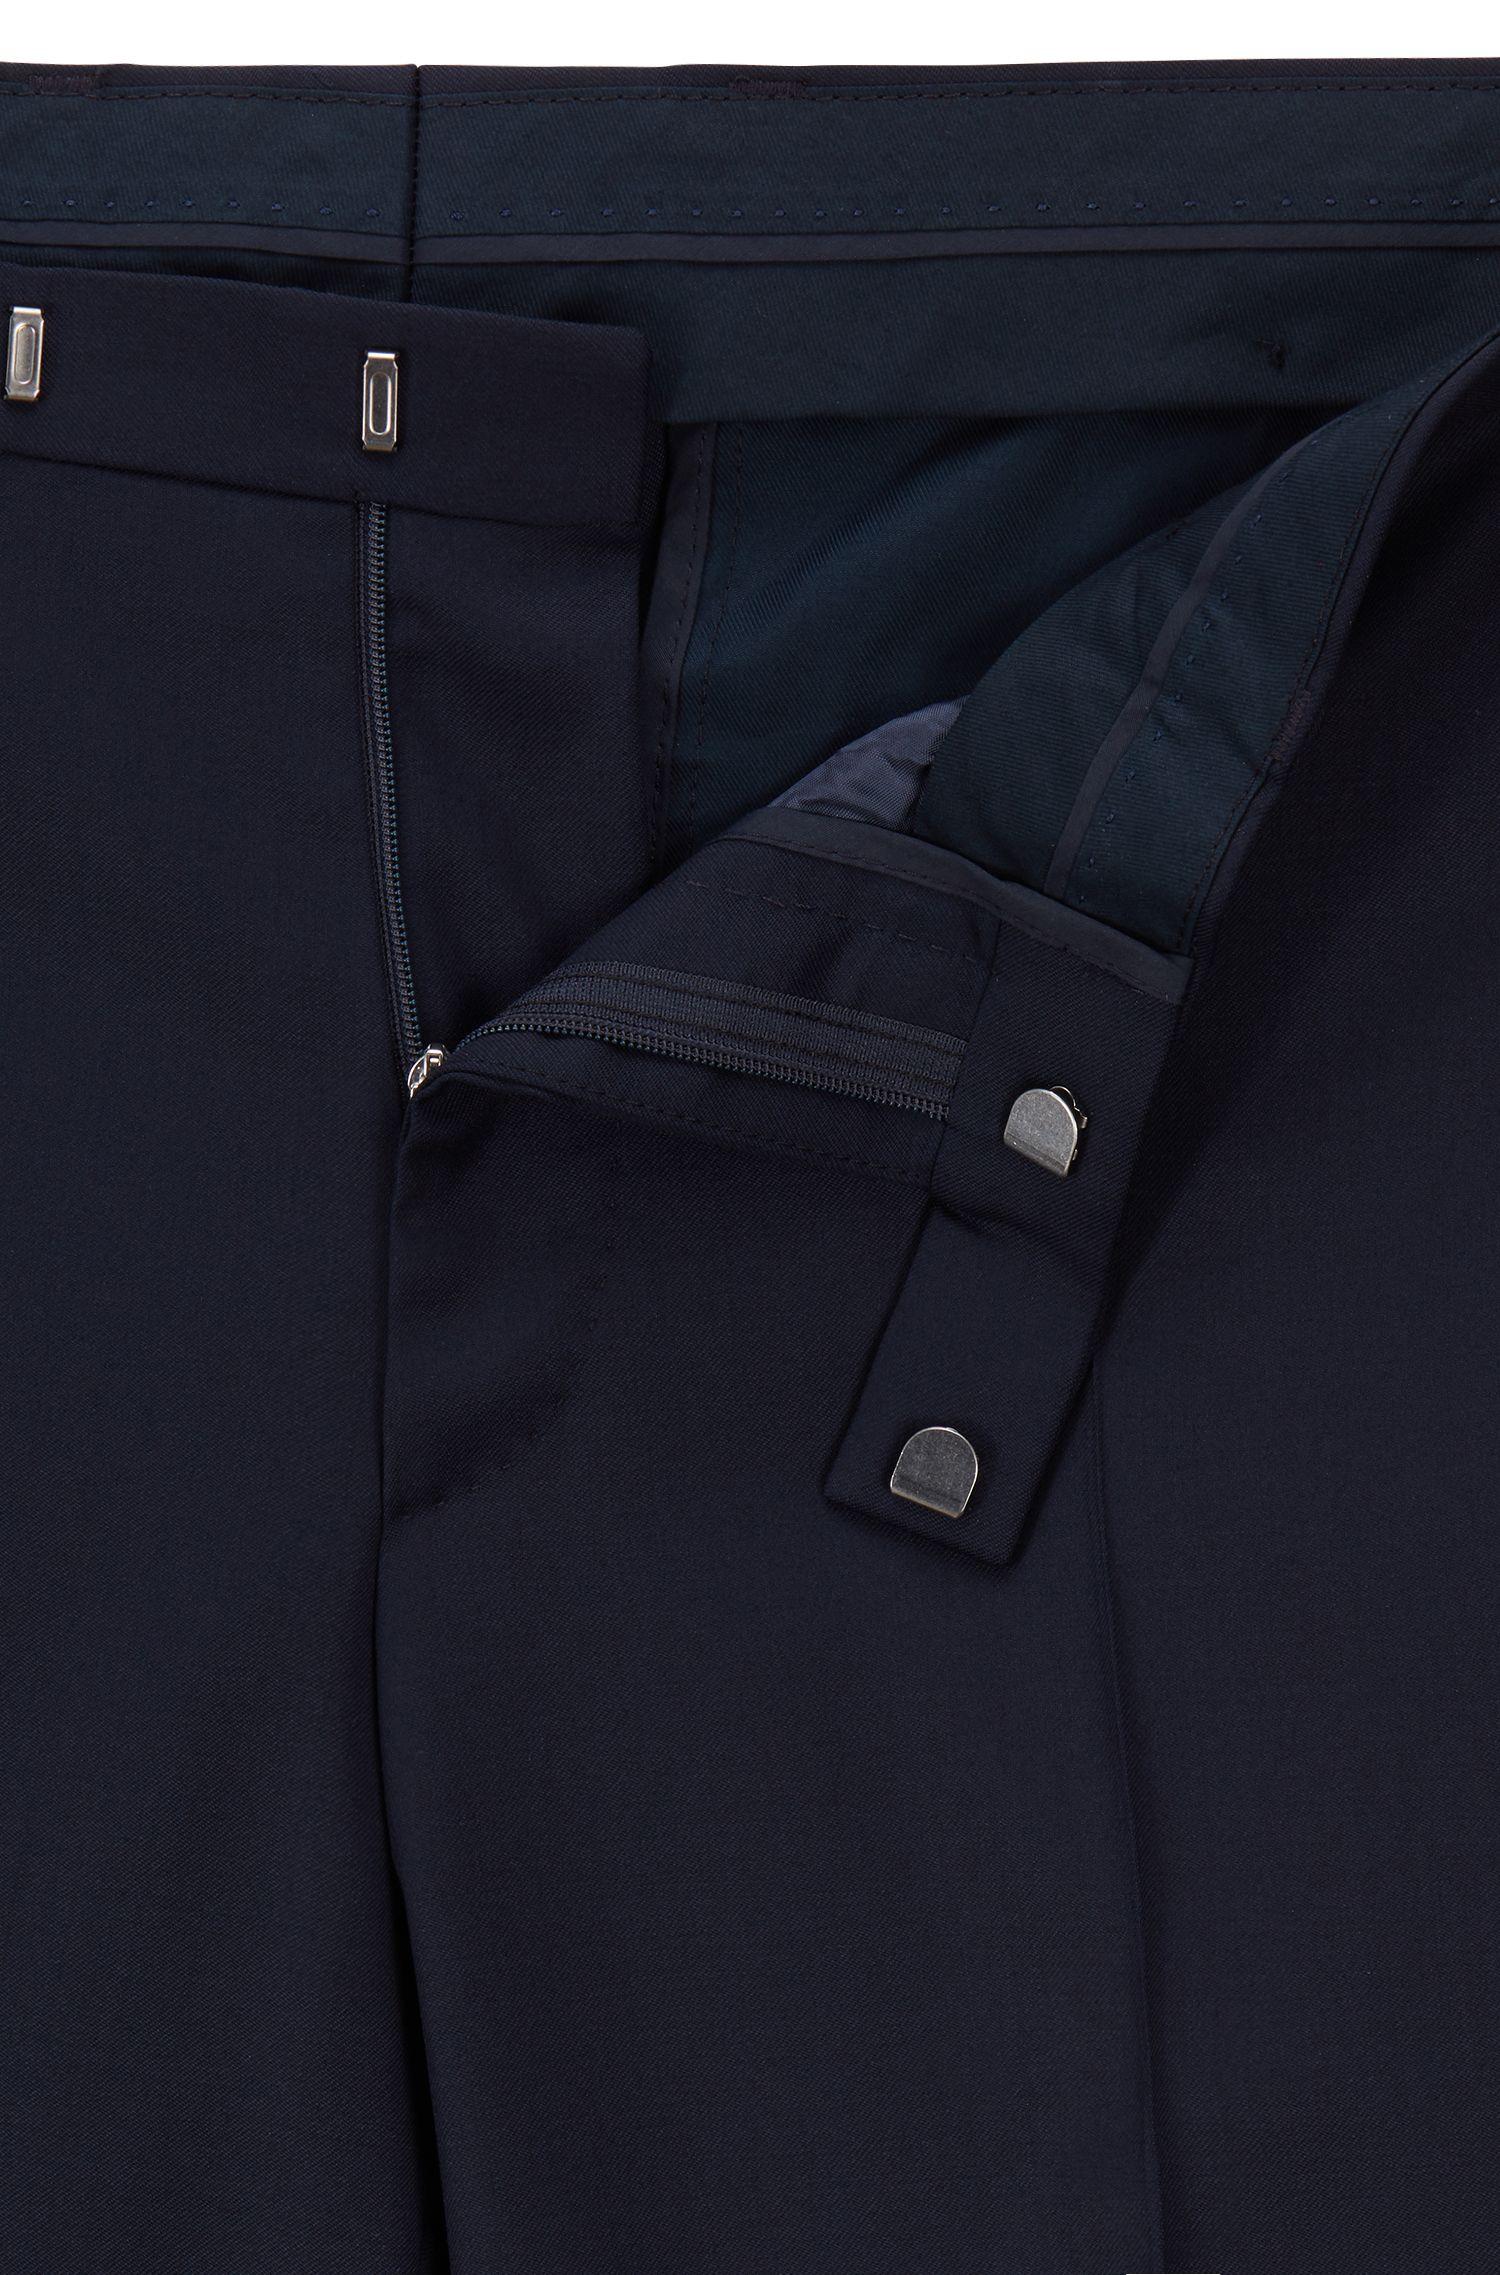 Regular-Fit Hose aus melierter Schurwolle, Dunkelblau